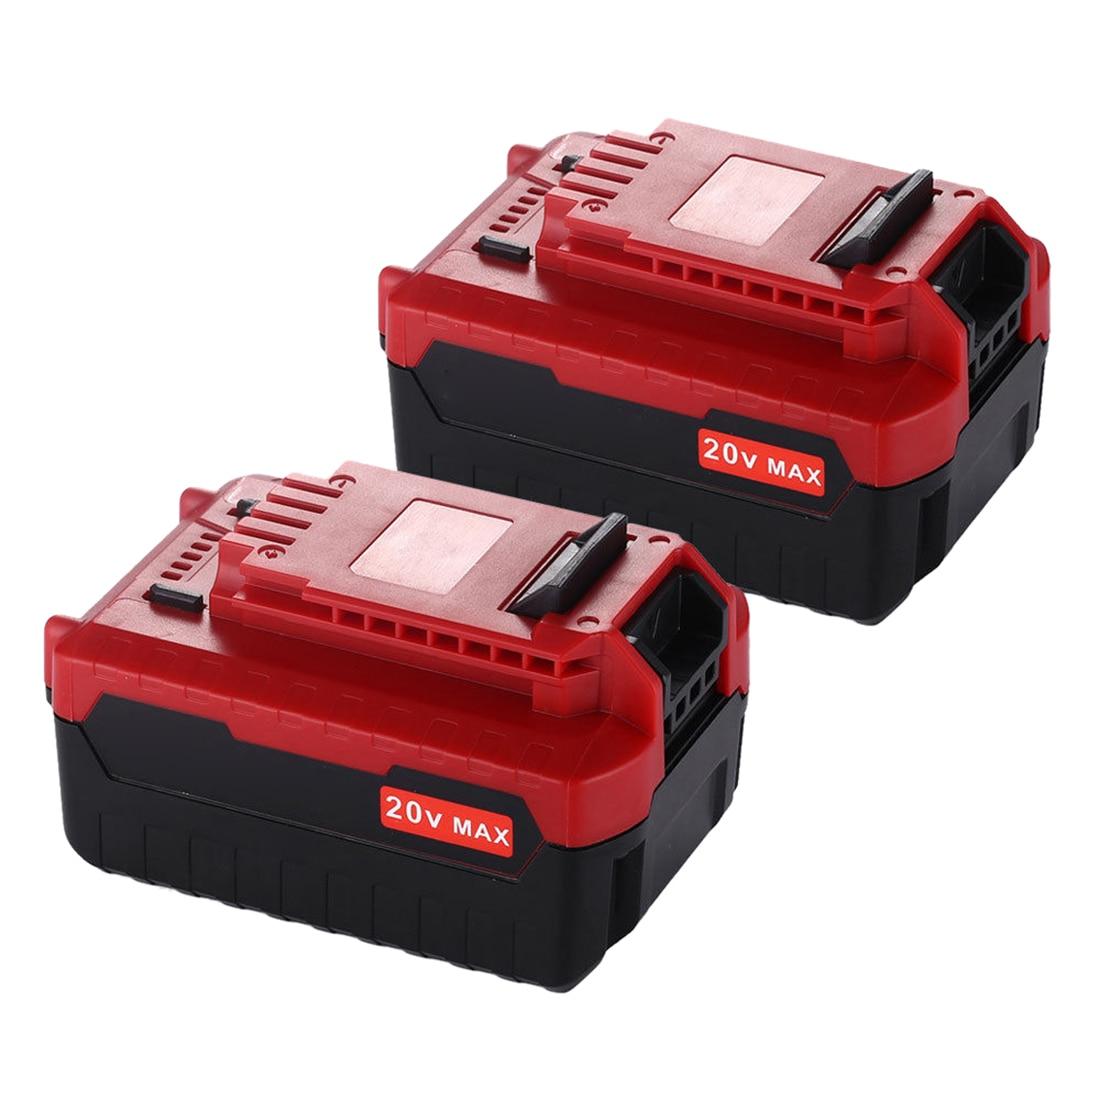 Топ предложения 1 пара 20 В Max 5.0Ah литий-ионный Батарея для Портер-Кабель PCC685L, PCC685LP, PCC680L, PCC682L, PCCK602L2, PCC600, PCC640